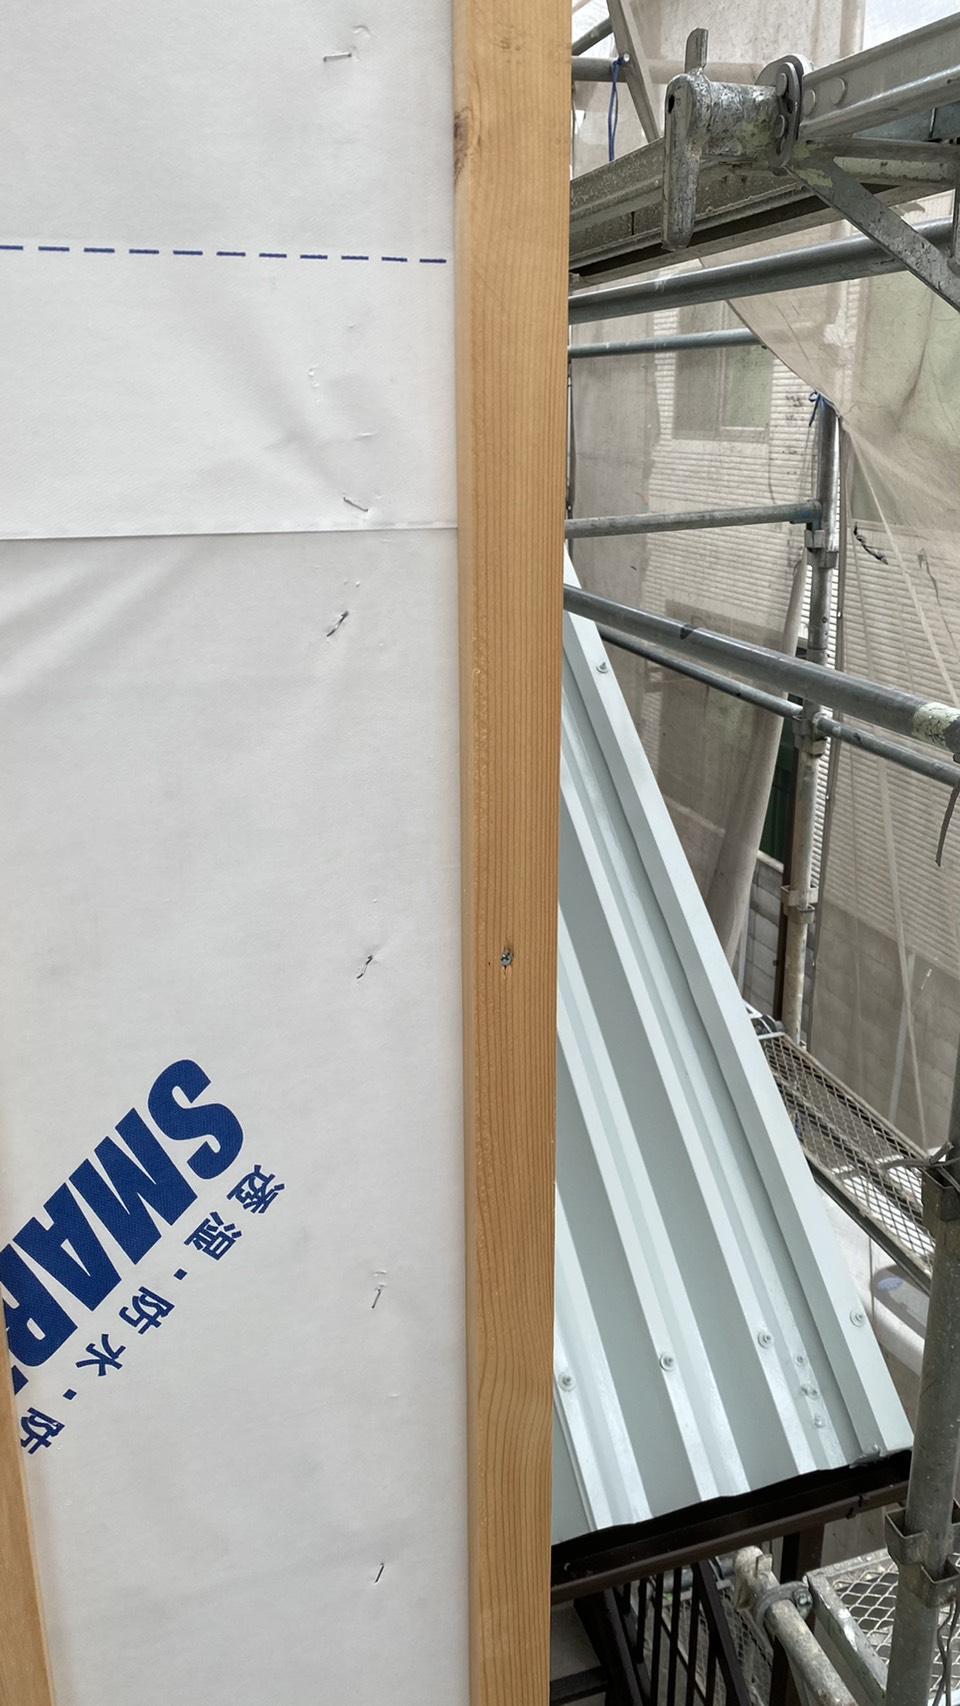 明石市でのサイディング上貼り前に下地を取り付けている様子